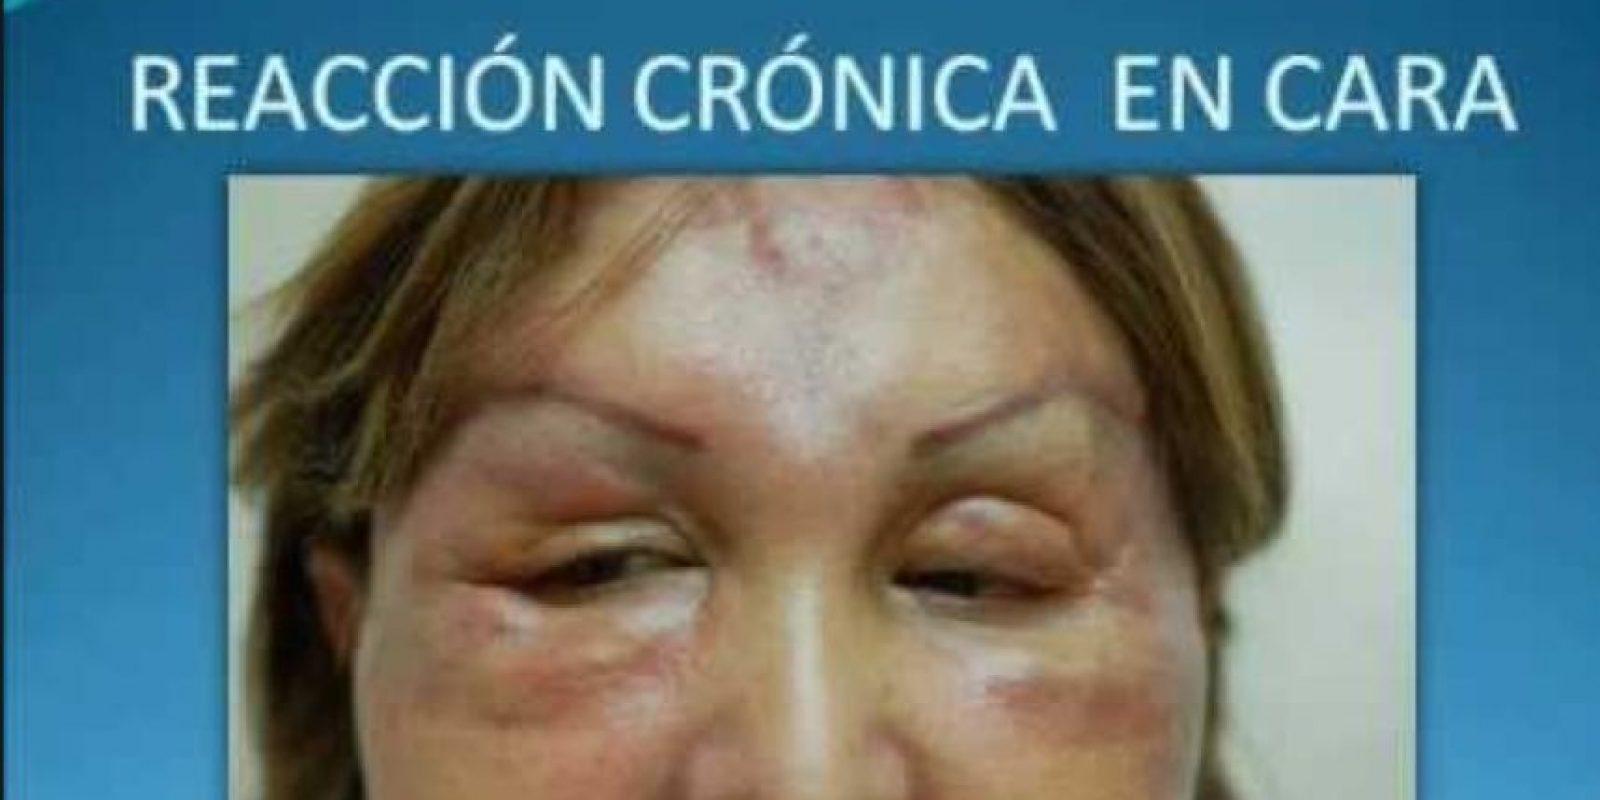 Esto puede suceder si hay reacción alérgica. Foto:Doctor Billy Spence/Youtube